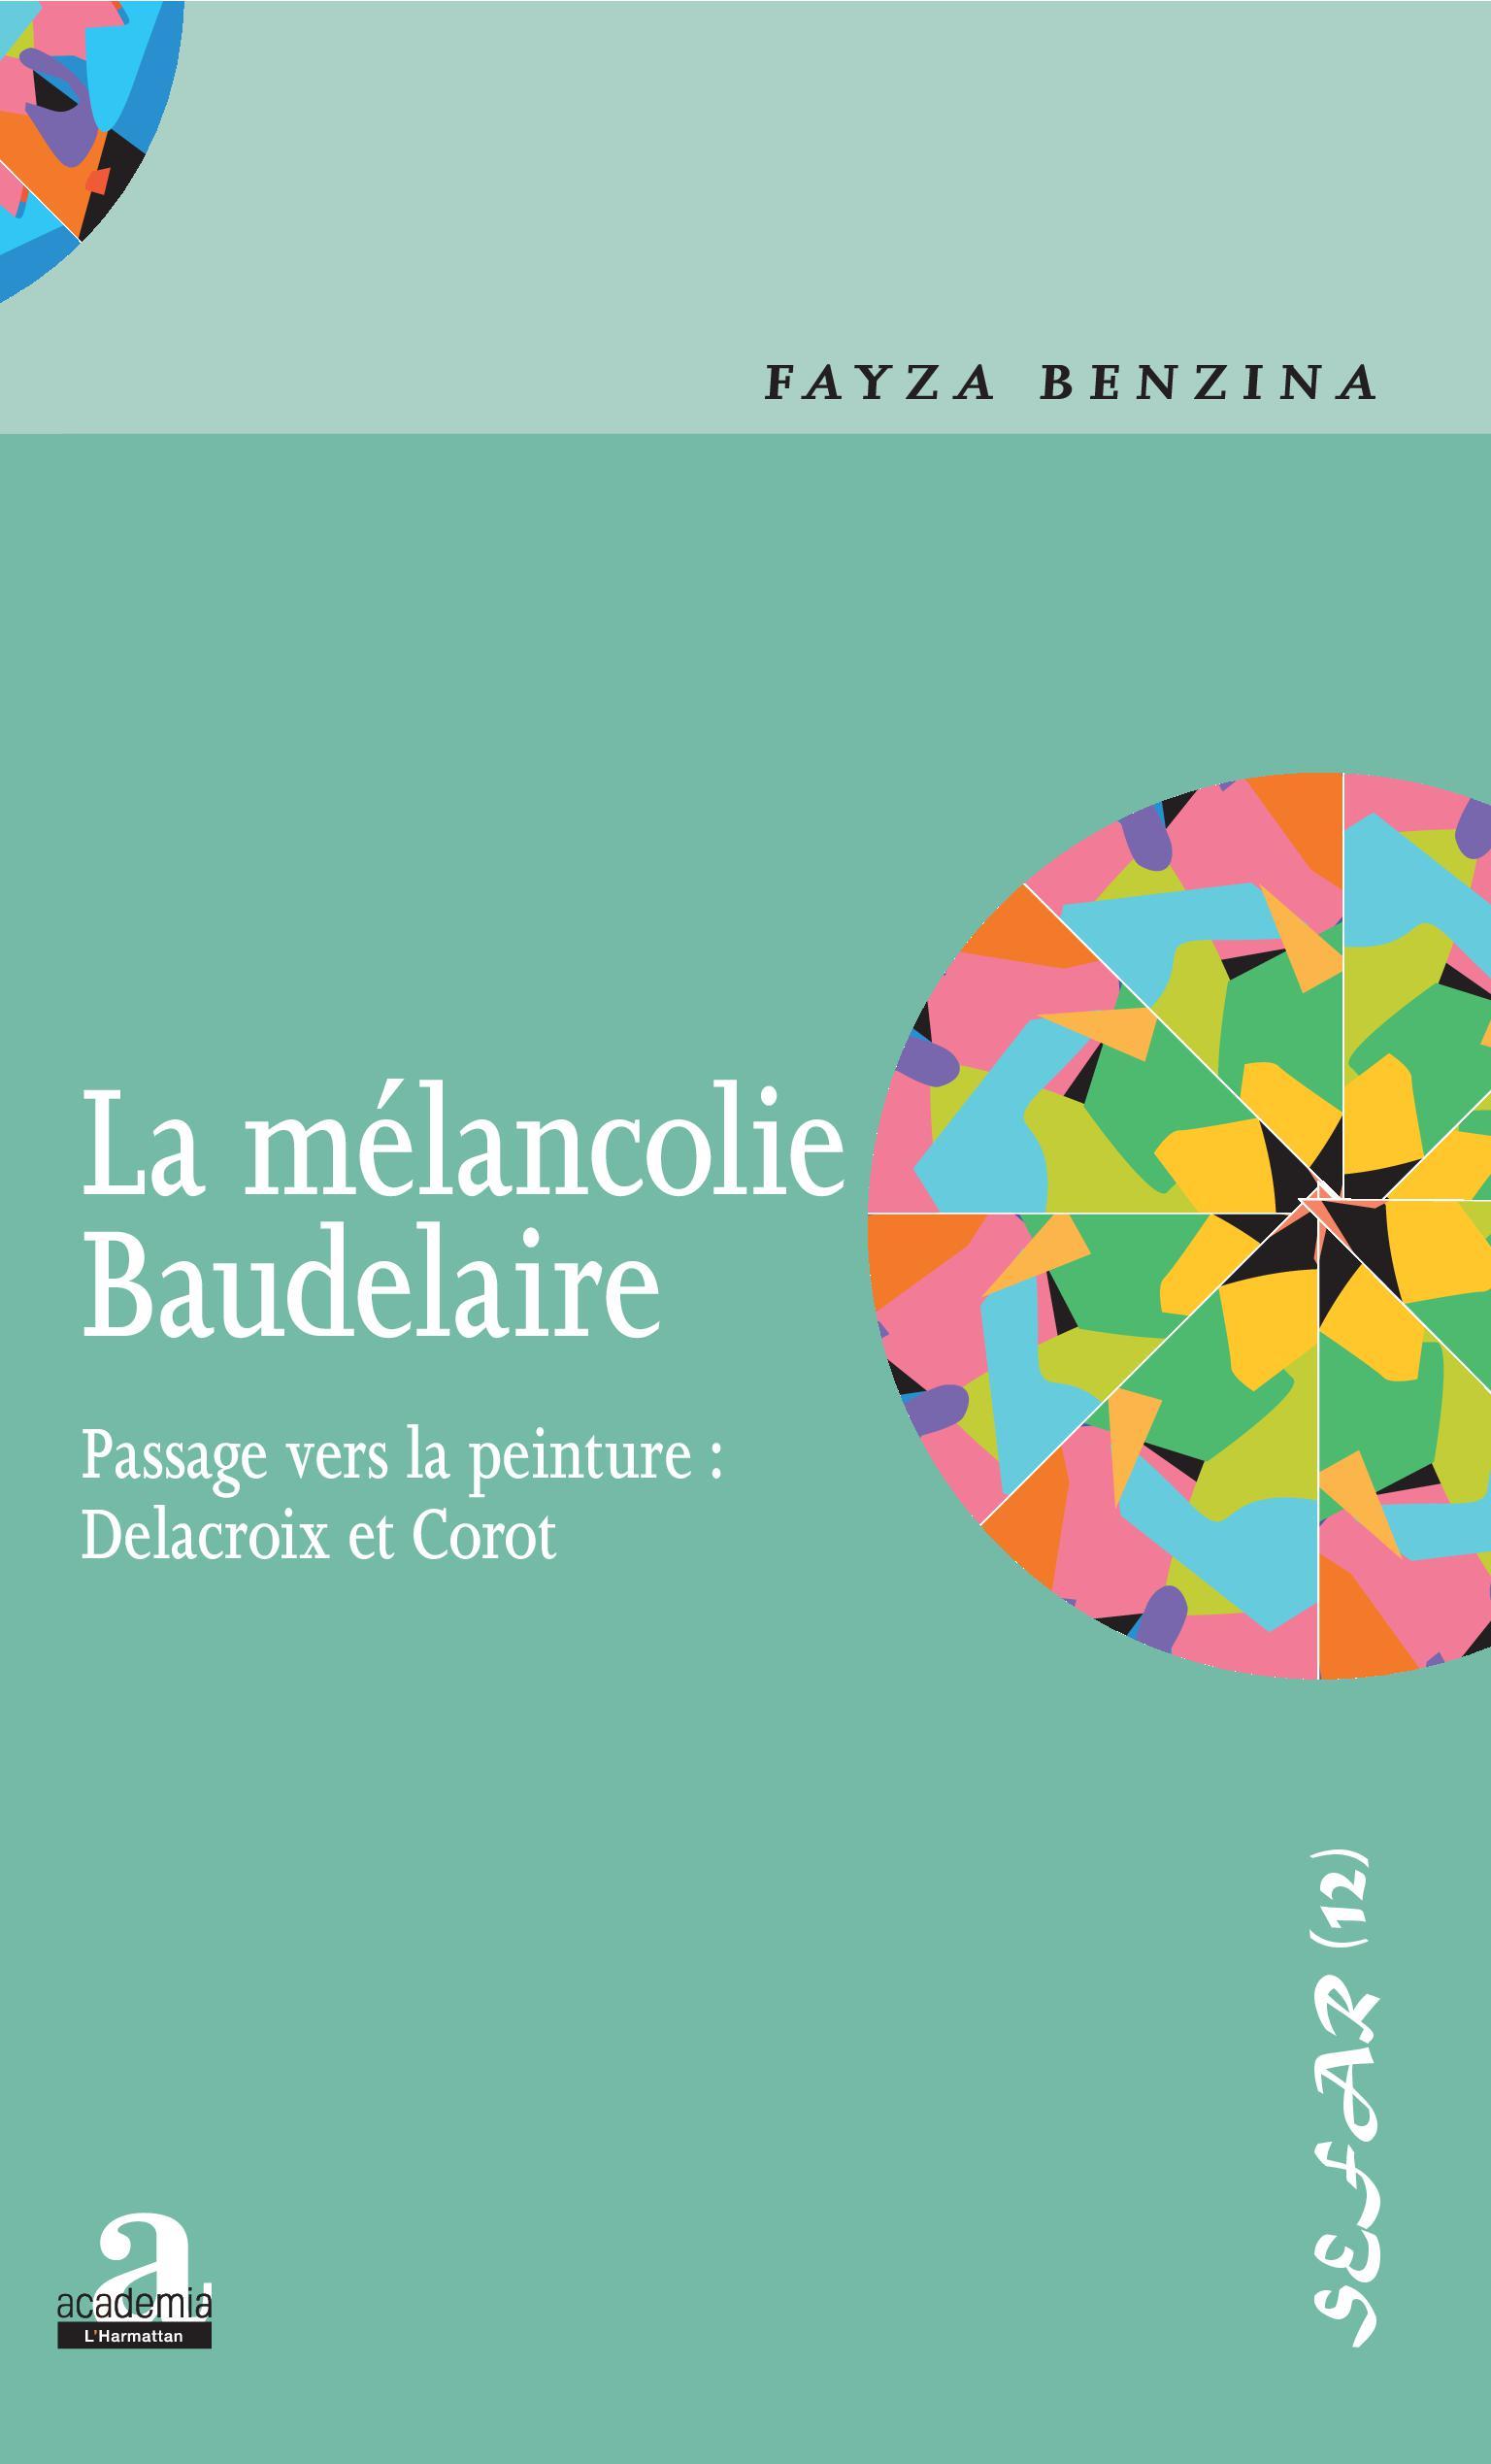 F. Benzina, La Mélancolie Baudelaire - Passage vers la peinture : Delacroix et Corot